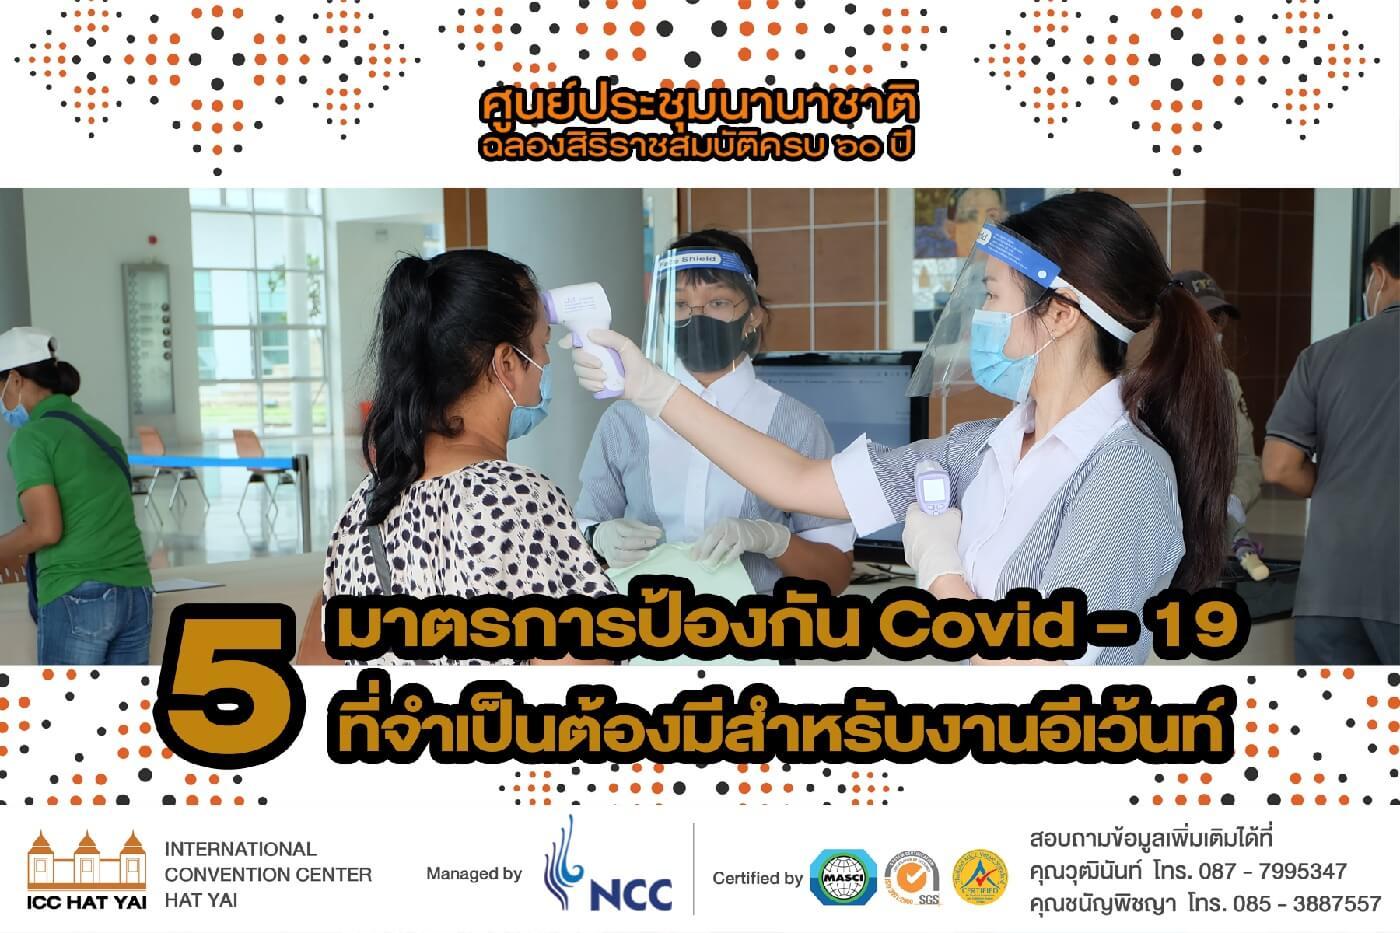 Web Cover 5 มาตรการป้องกัน Covid 1 ICC HATYAI ศูนย์ประชุมนานาชาติฉลองสิริราชสมบัติครบ ๖๐ ปี